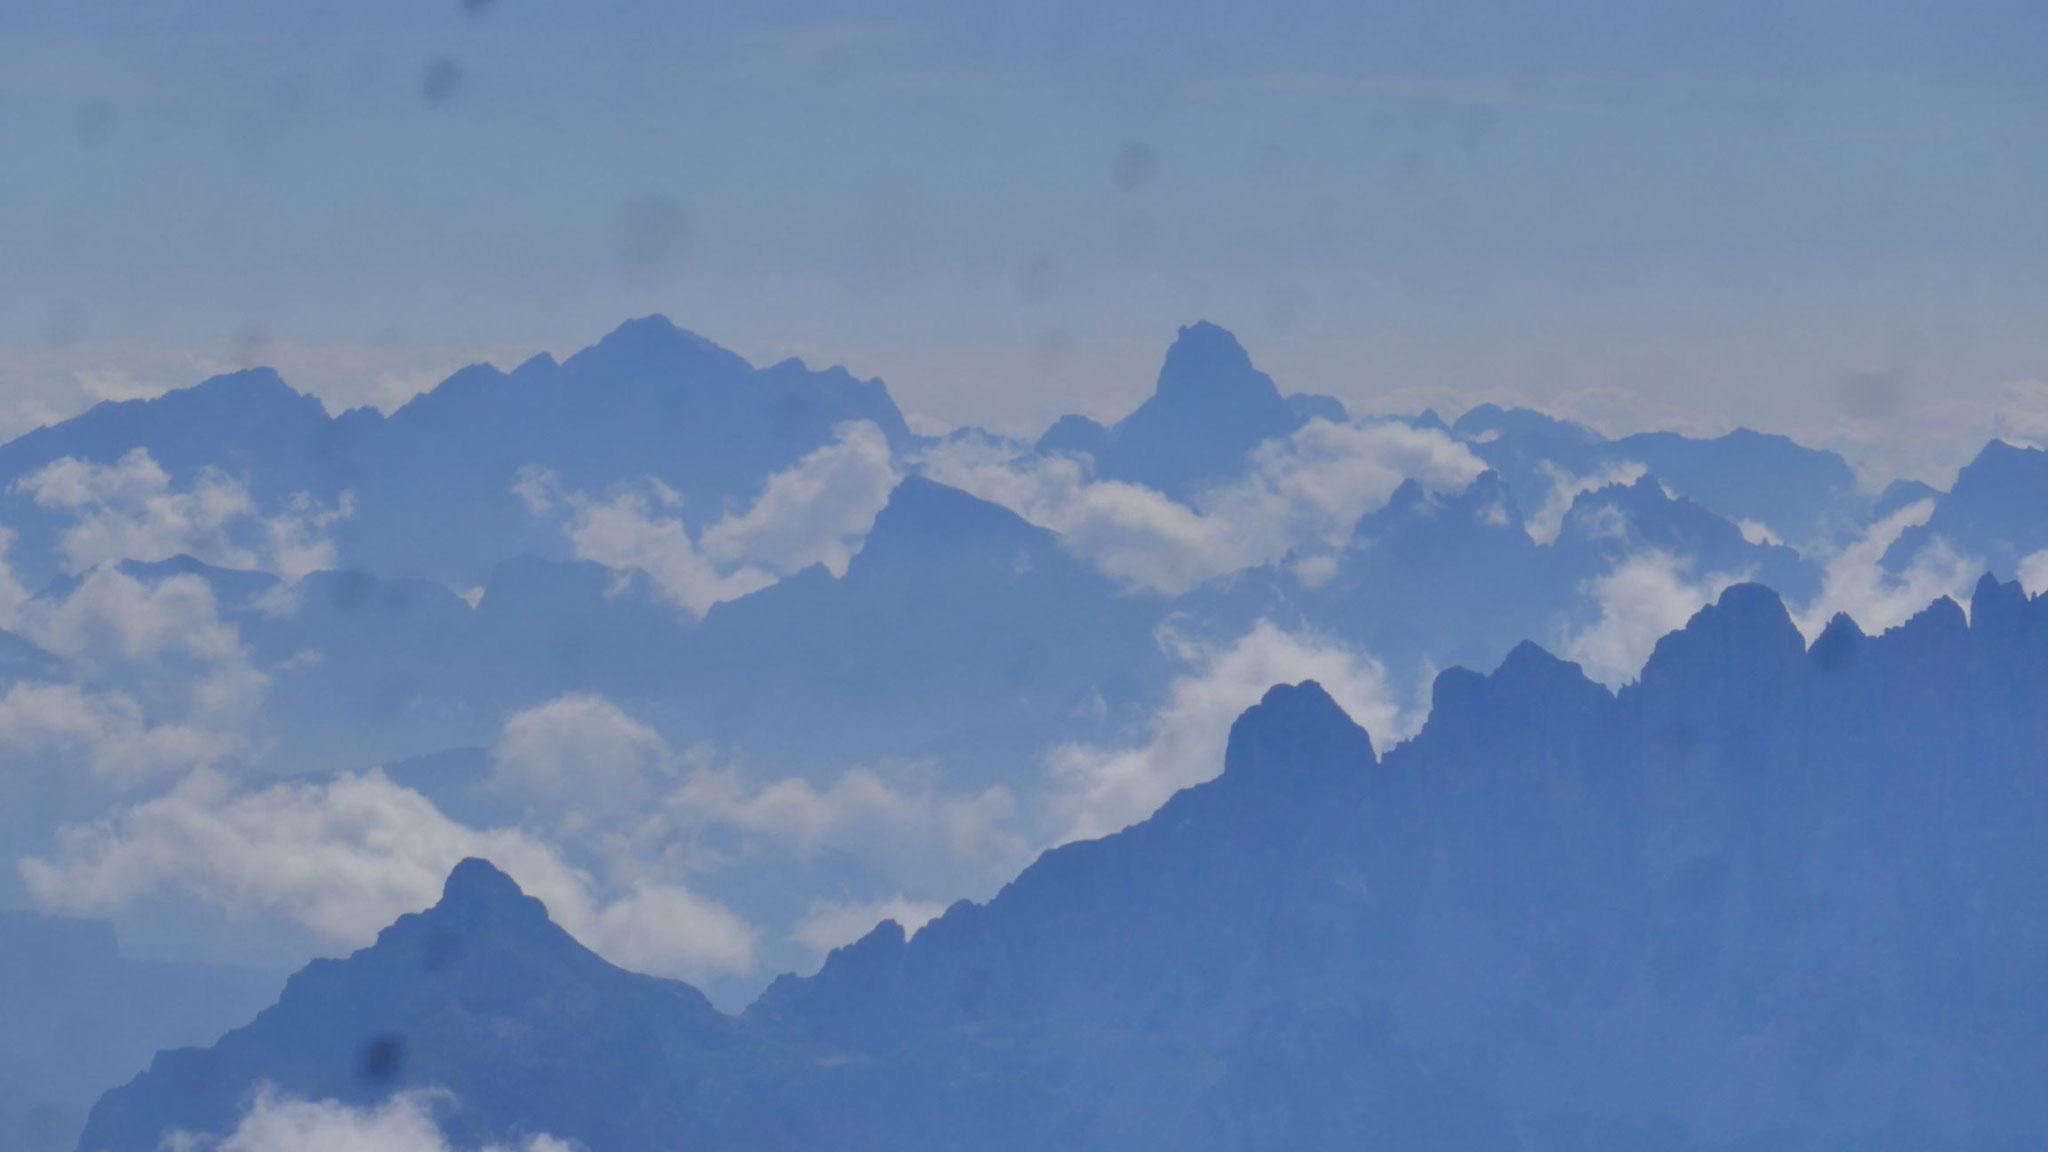 Cima dei Preti und Monte Duranno in den Friauler Dolomiten bzw. Südlichen Karnischen Alpen